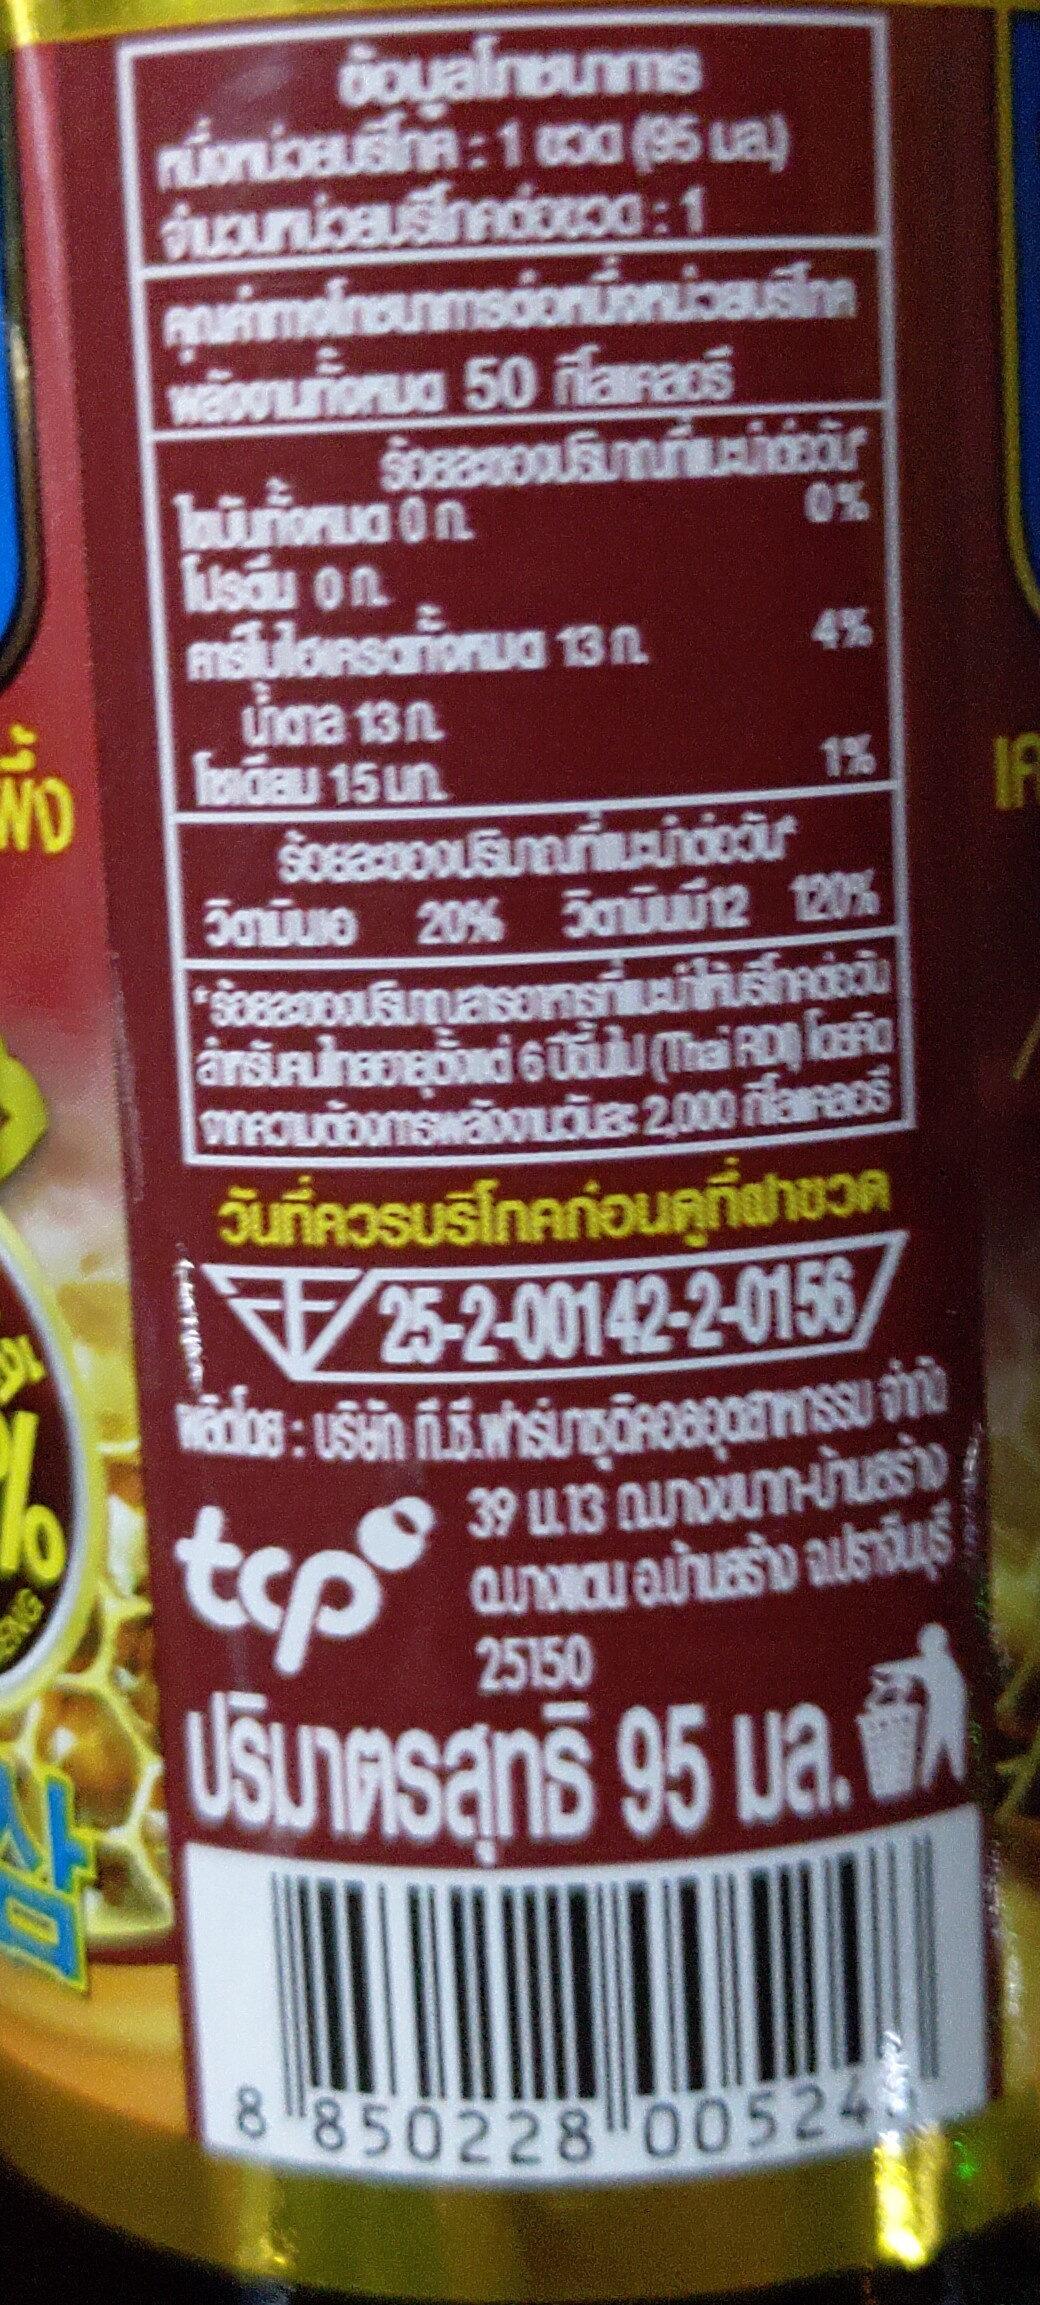 เครื่องดื่มโสมเกาหลีสกัดและน้ำผึ้ง - Informations nutritionnelles - th